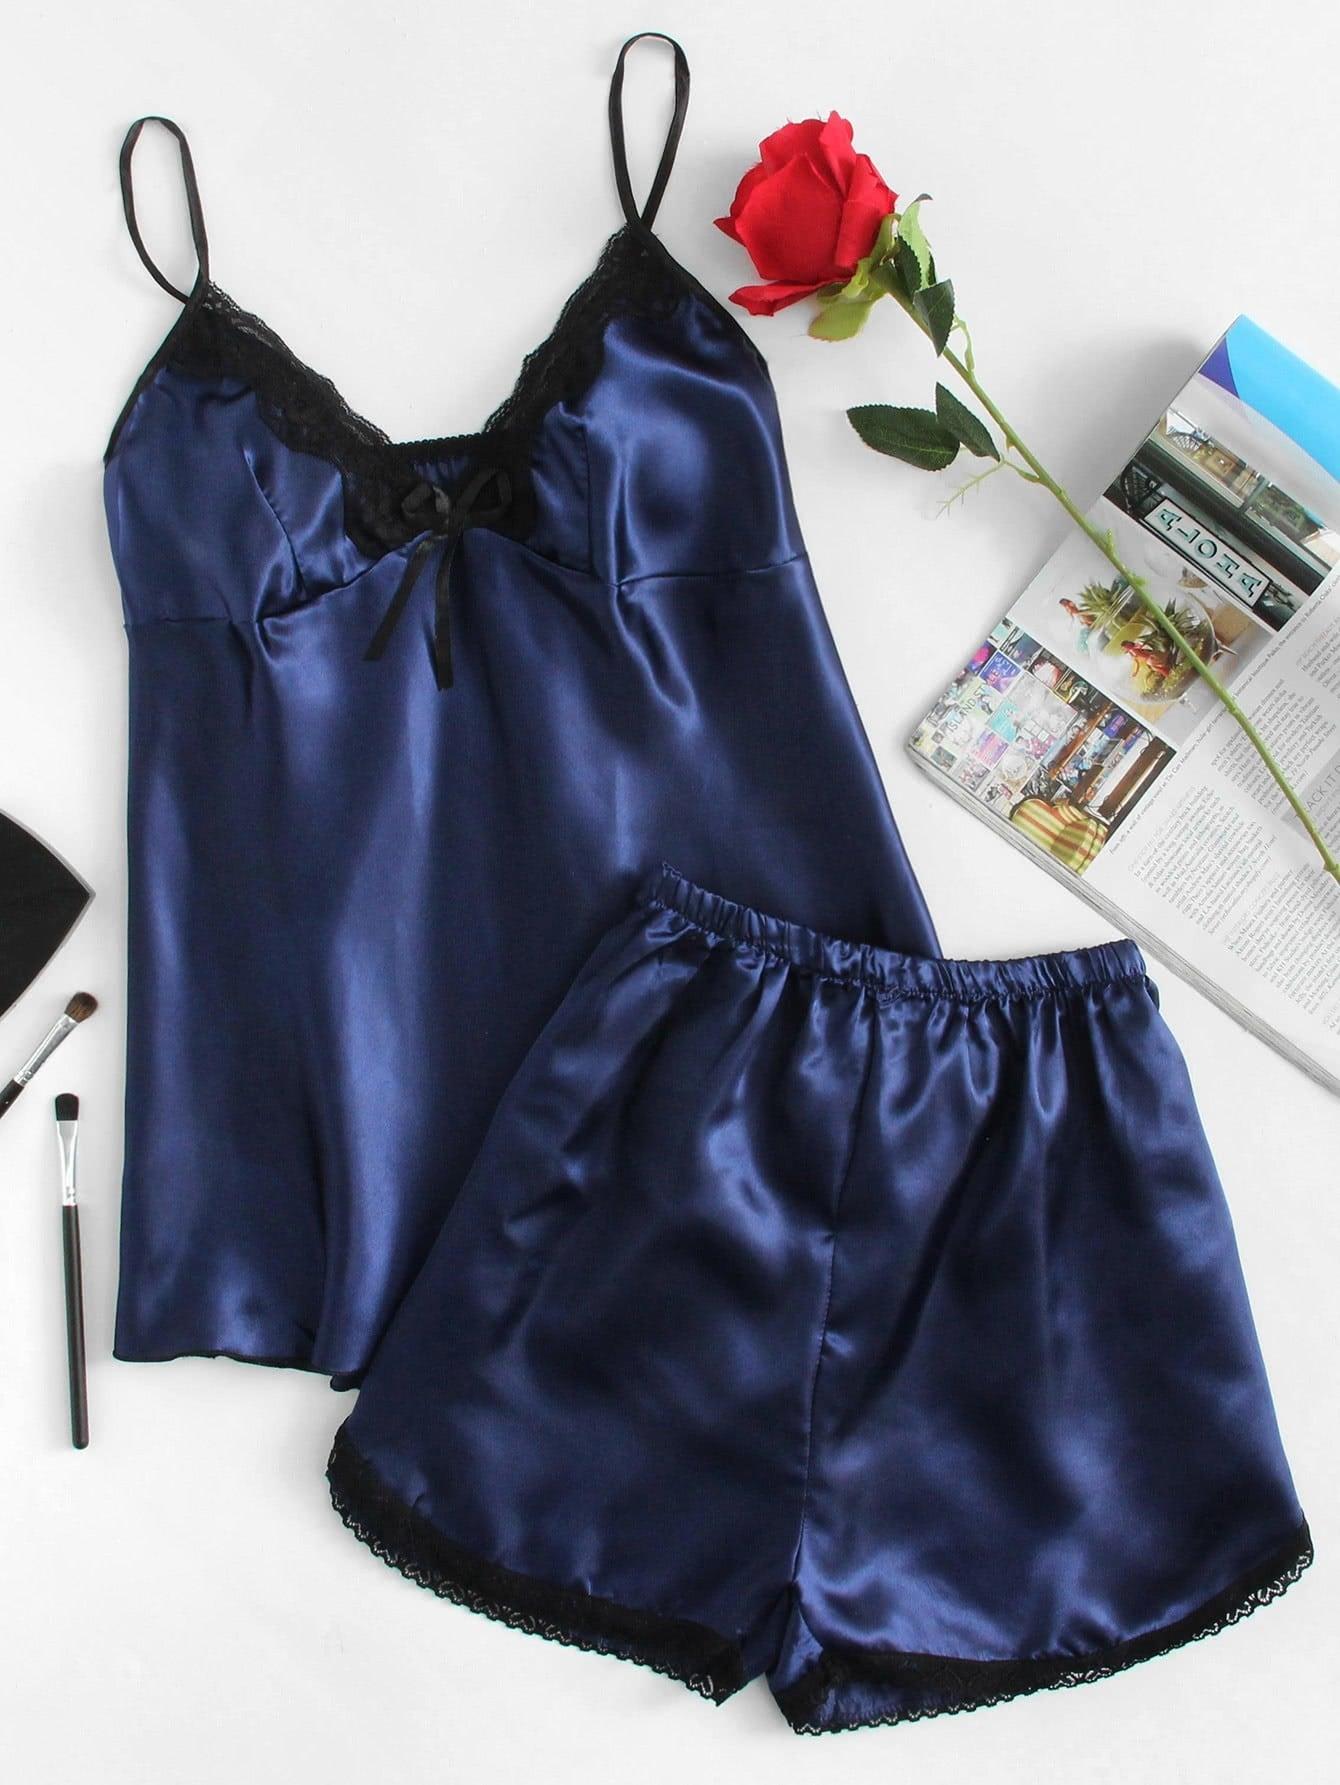 Lace Detail Cami And Shorts Pajama Set contrast lace cami with shorts pajama set